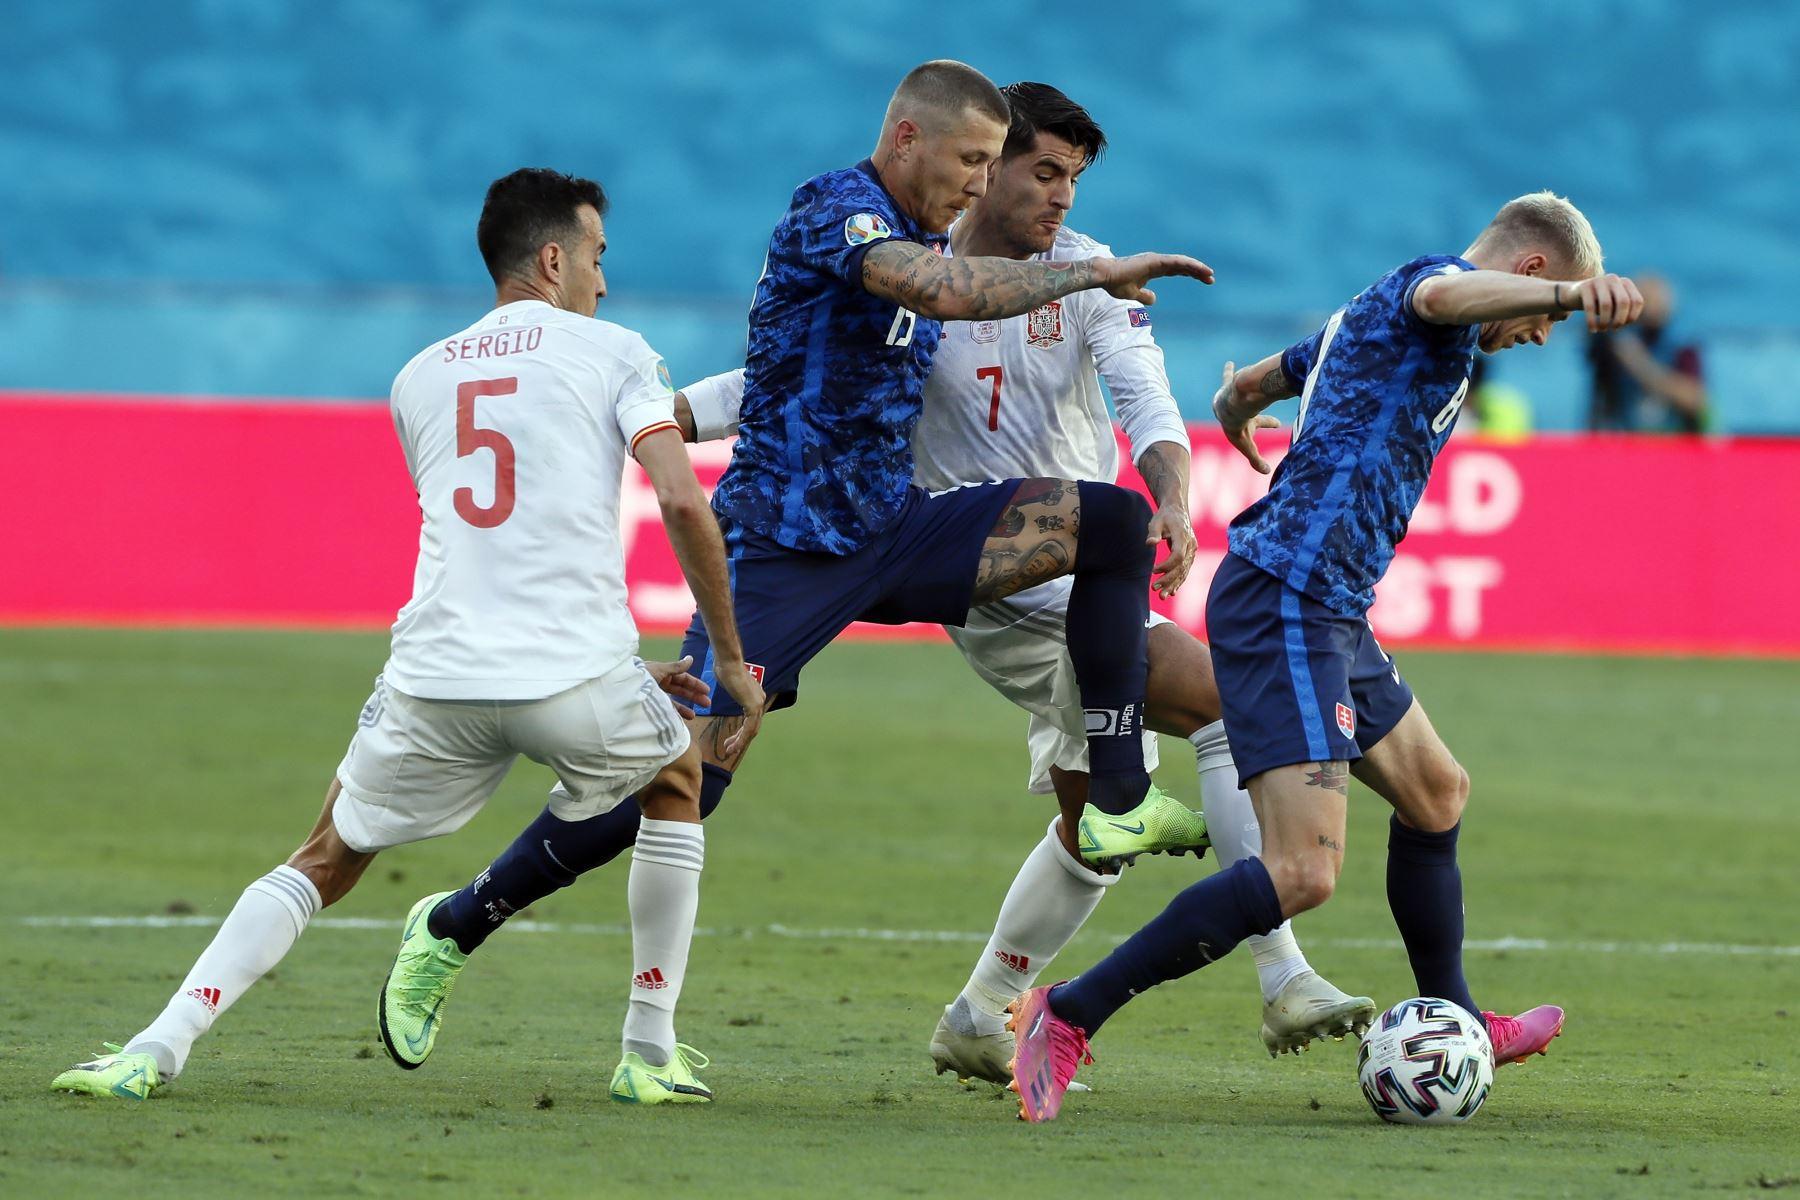 Juraj Kucka de Eslovaquia en acción contra Alvaro Morata de España durante el partido por el grupo E de la UEFA EURO 2020, en Sevilla. Foto. EFE